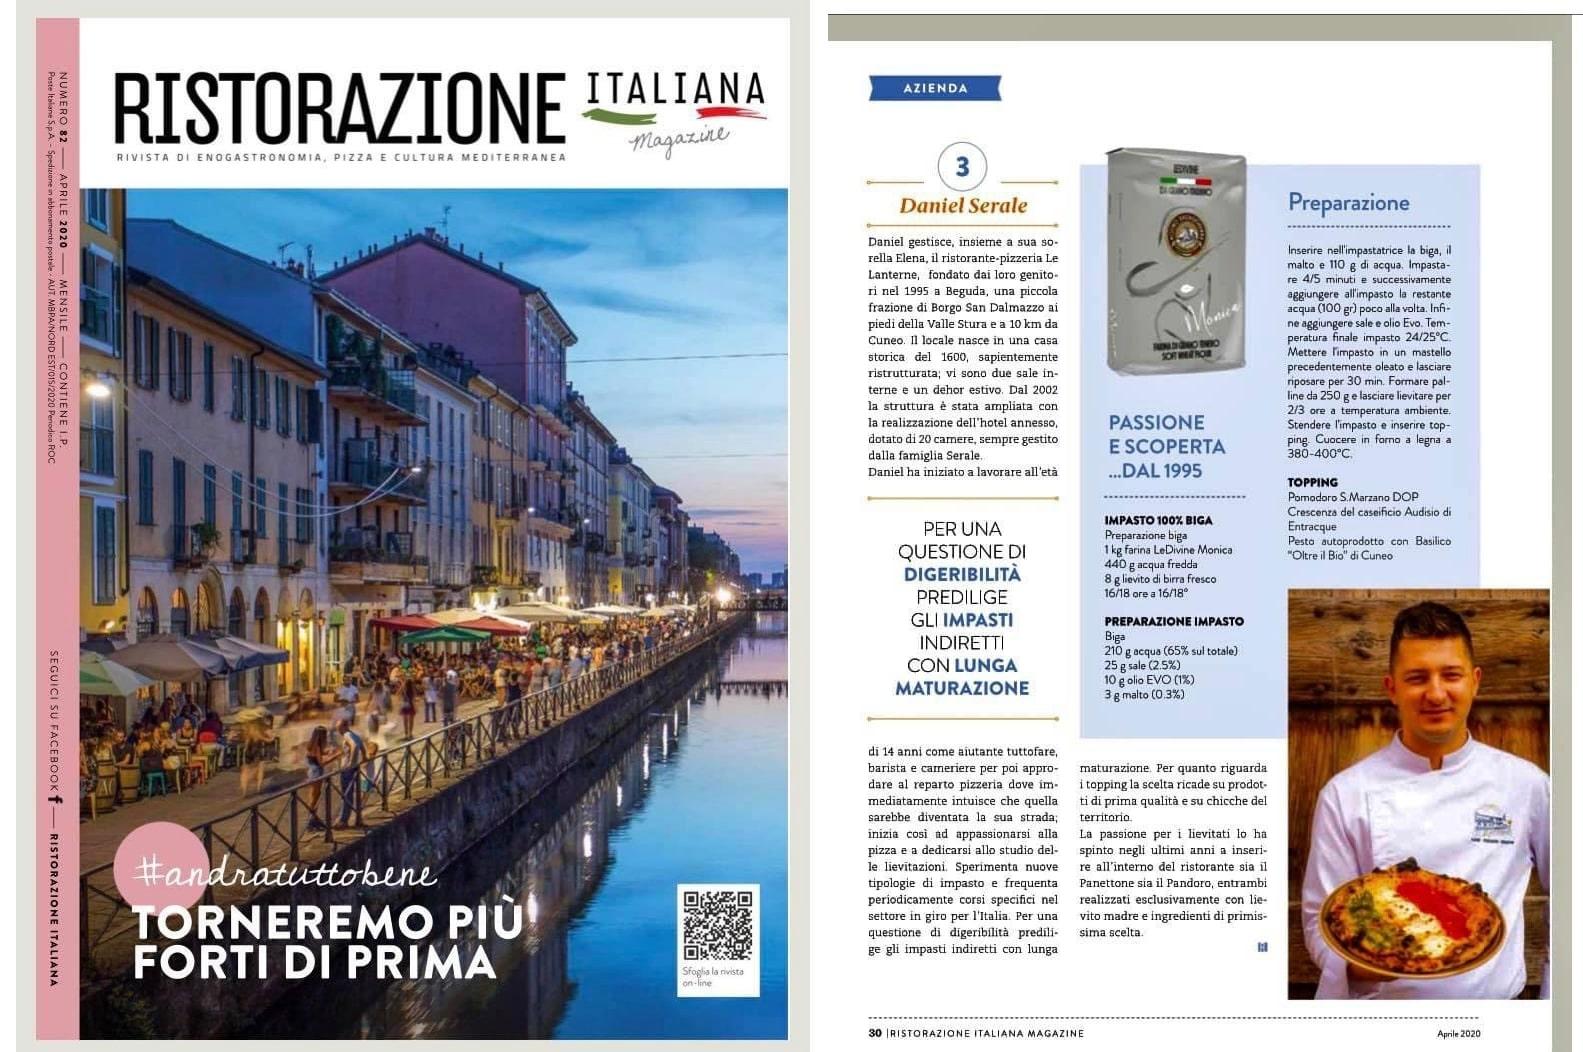 Parlano di noi - Le Lanterne hotel, ristorante e pizzeria a Borgo San Dalmazzo